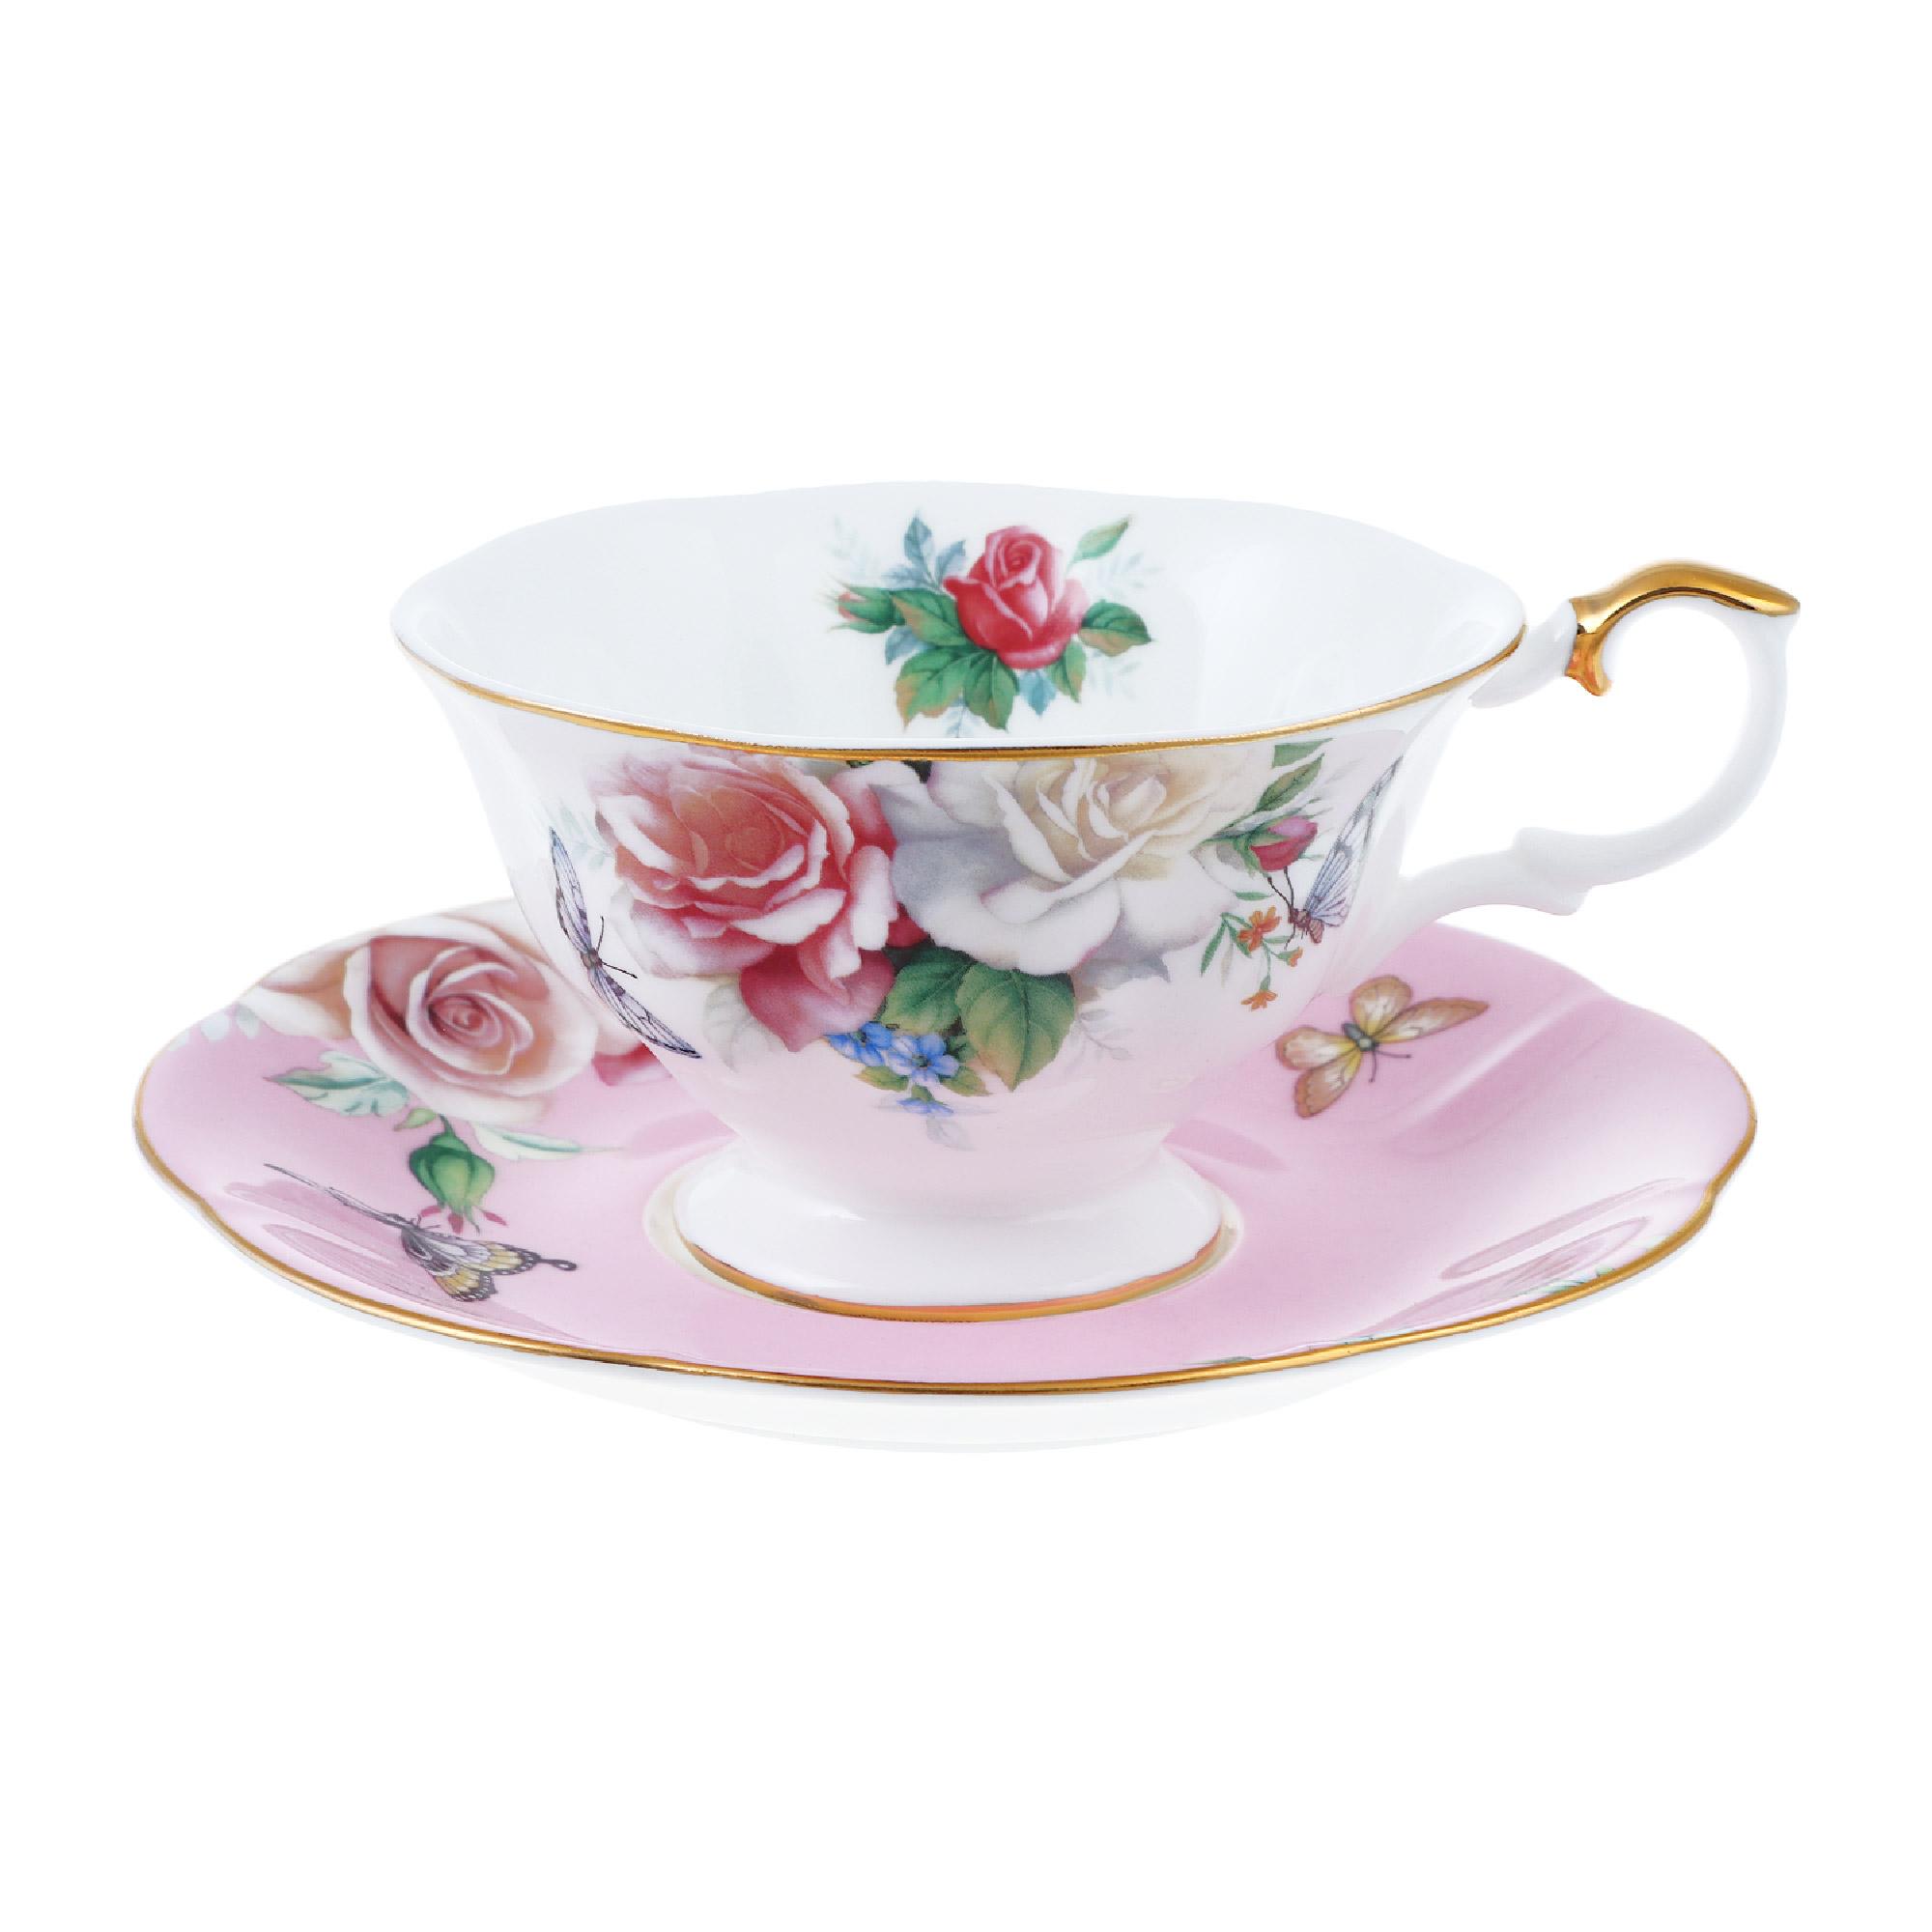 Набор чайный Топ арт студио флоризон 12 предметов